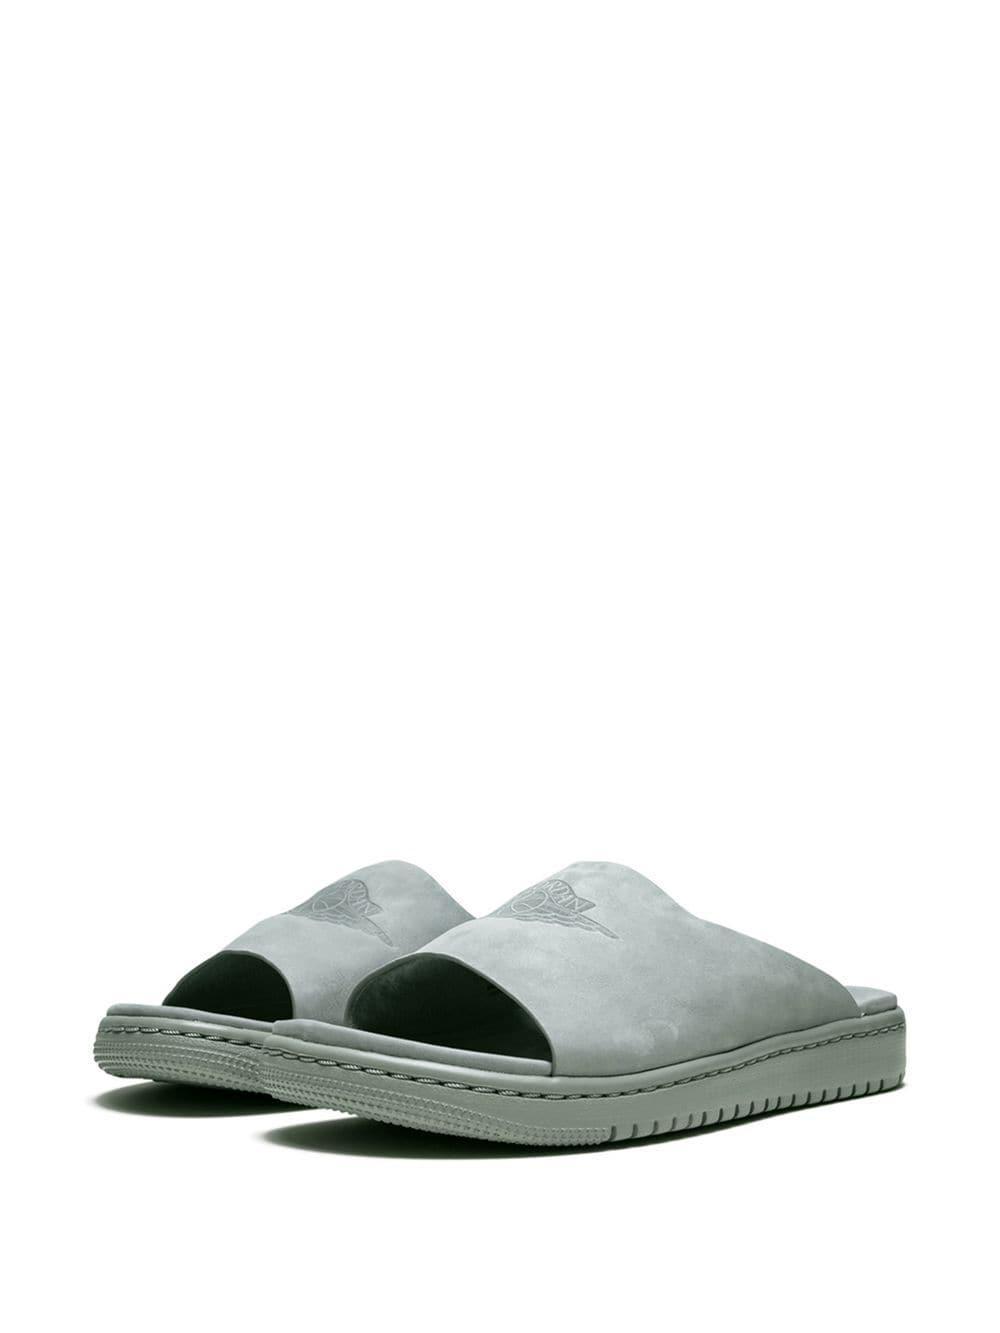 50b92961d Lyst - Nike Modero 1 Slides in Gray